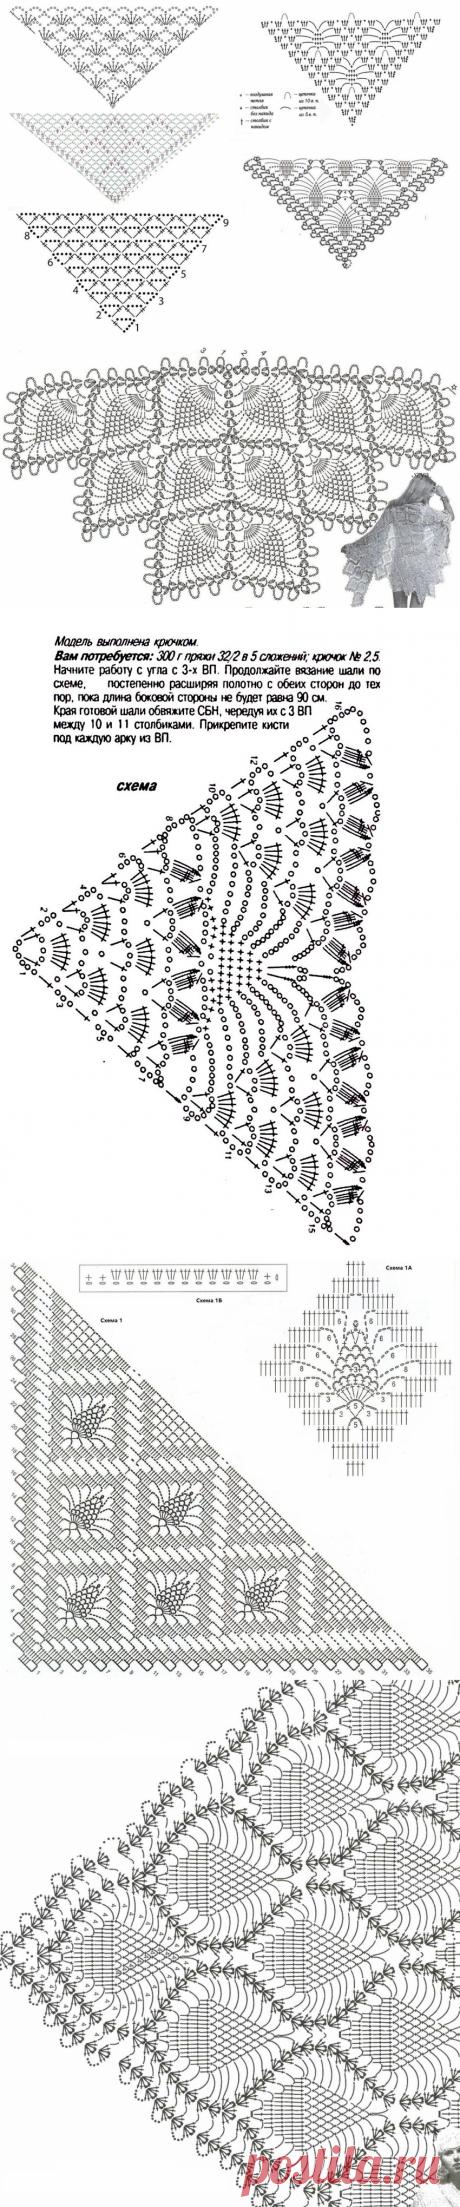 Ажурные узоры для шали крючком - идеи и схемы для вязания | Anna Gri Crochet | Яндекс Дзен